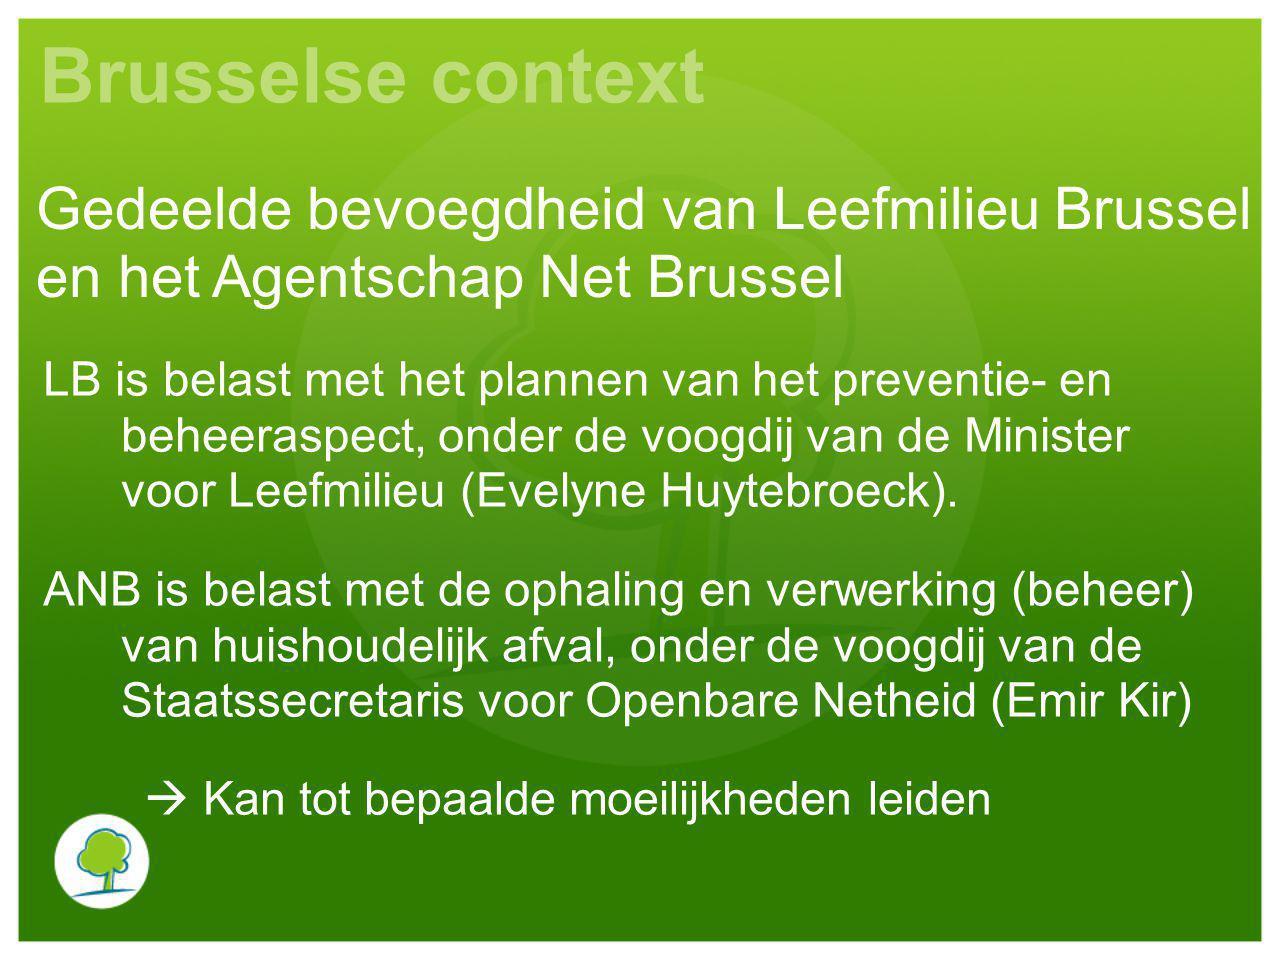 Brusselse context LB is belast met het plannen van het preventie- en beheeraspect, onder de voogdij van de Minister voor Leefmilieu (Evelyne Huytebroe